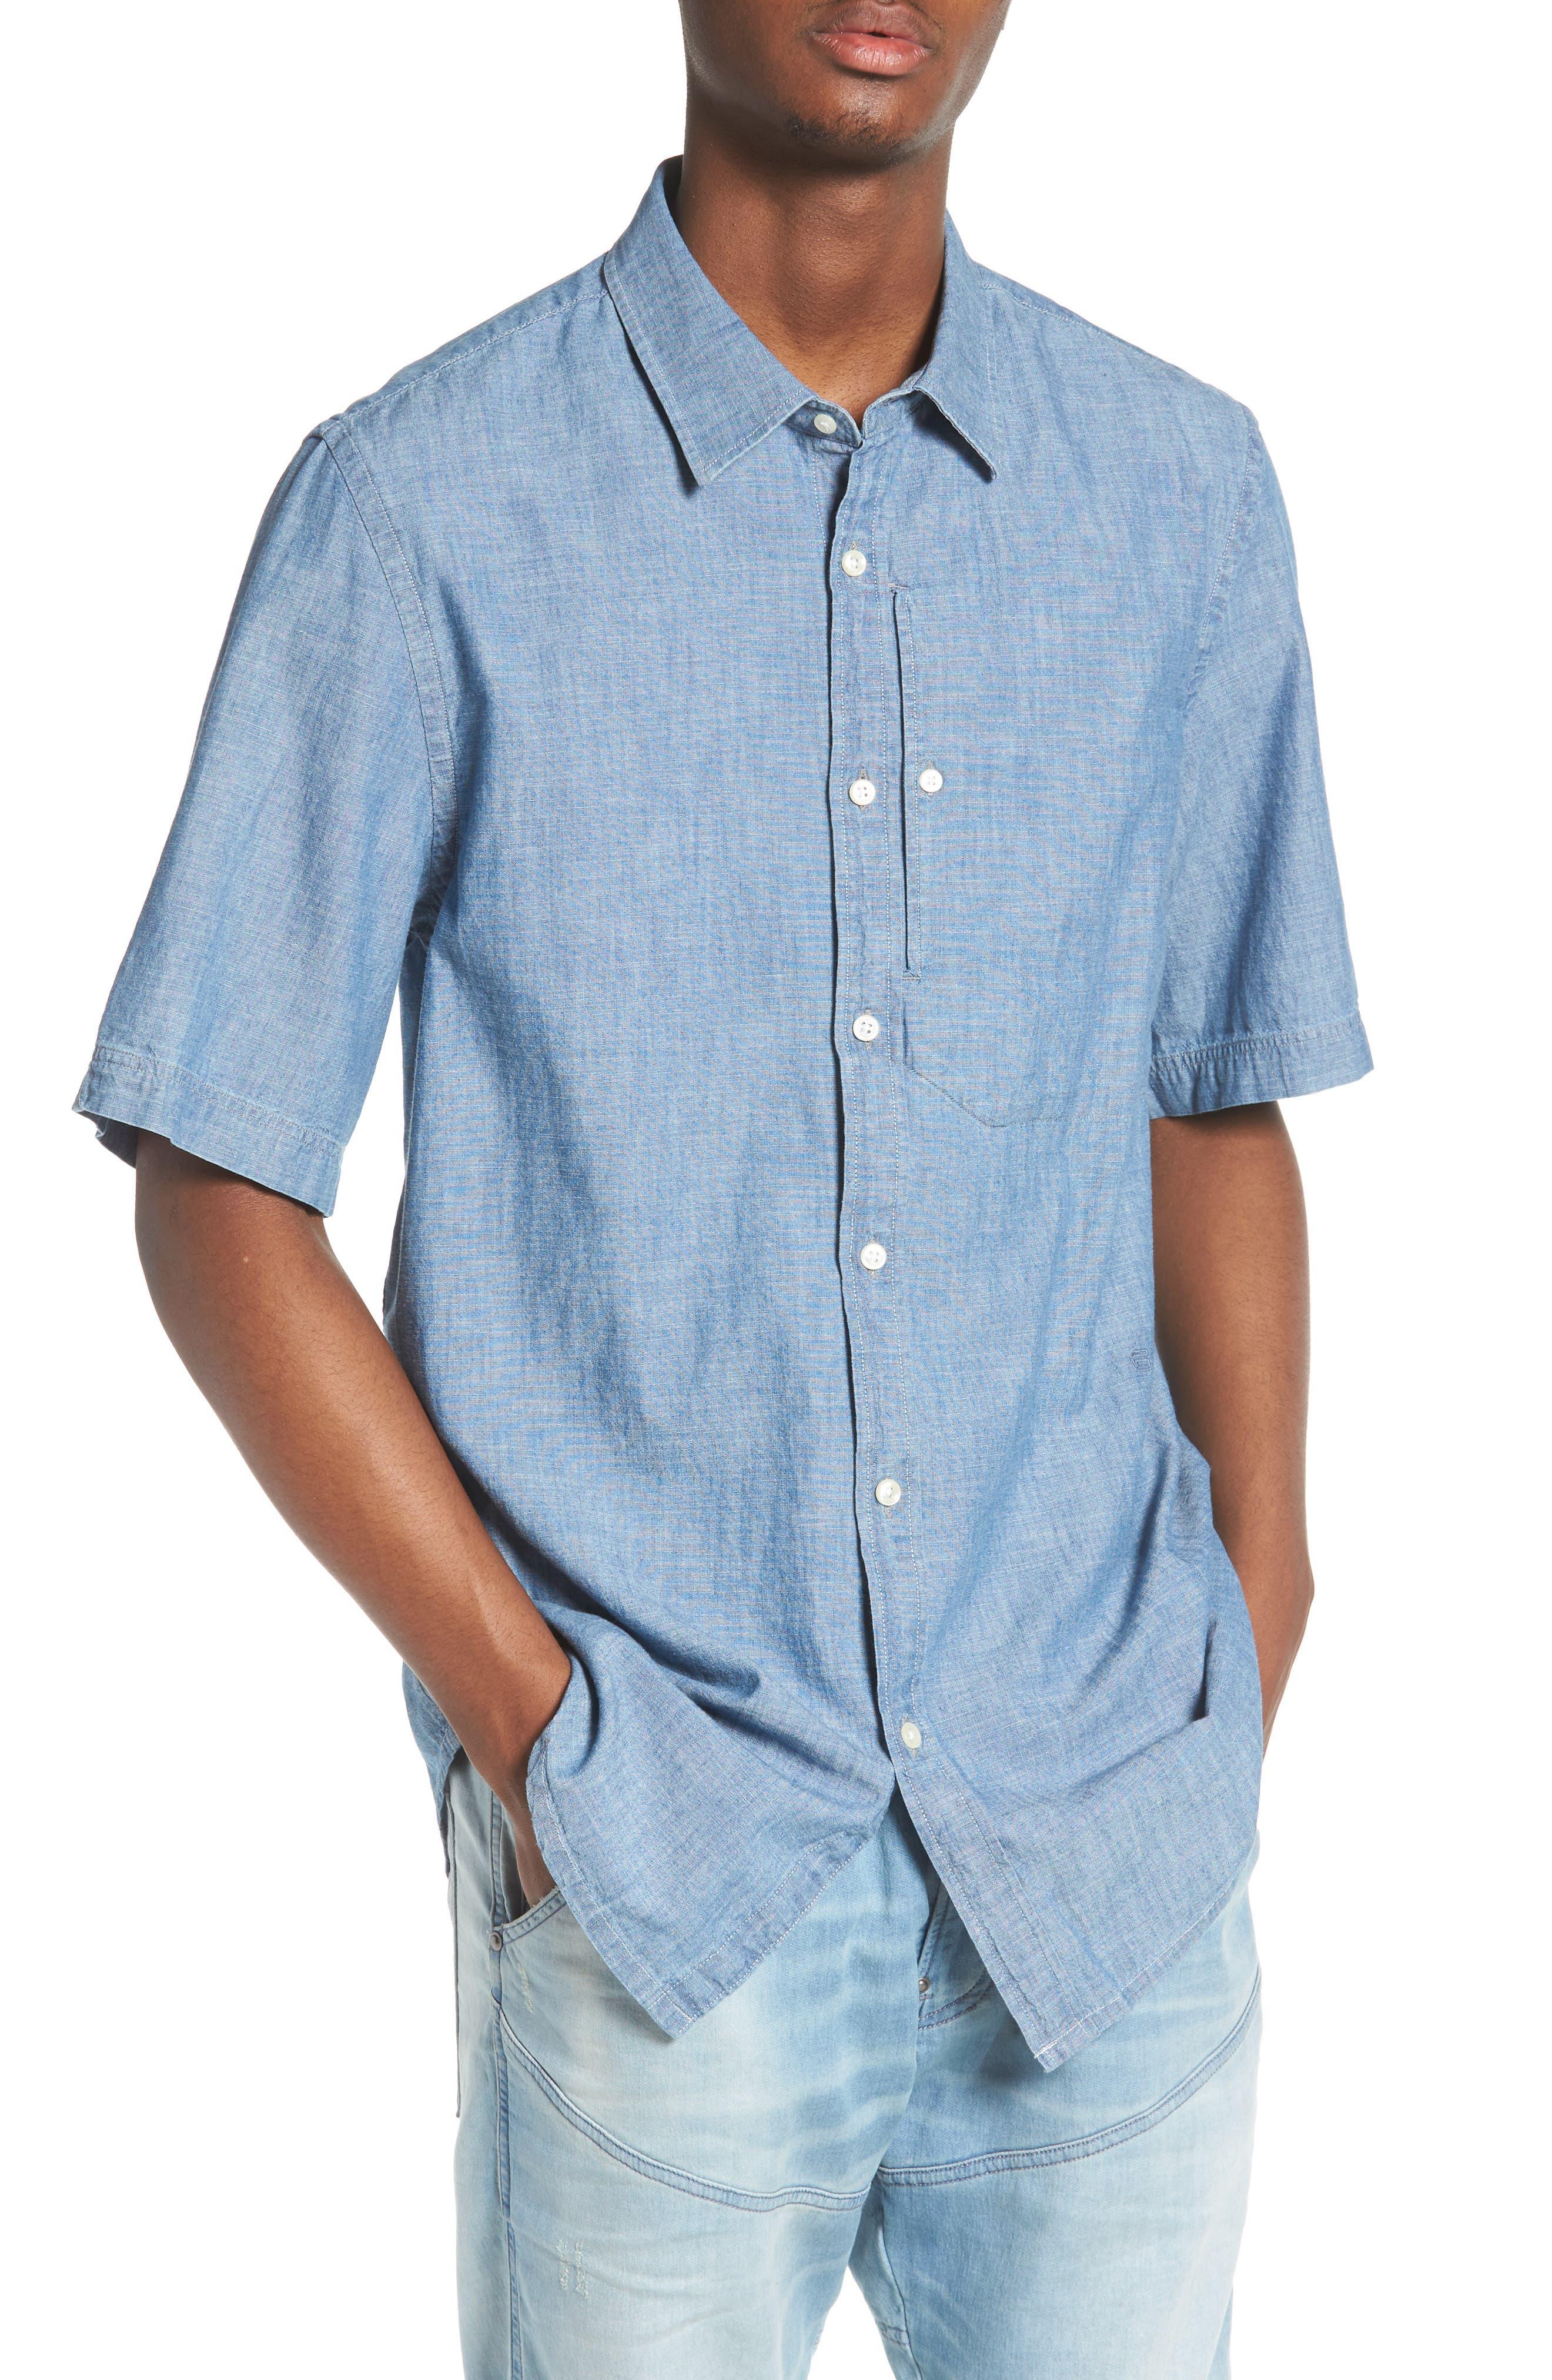 G-Star Raw Bristum Chambray Shirt